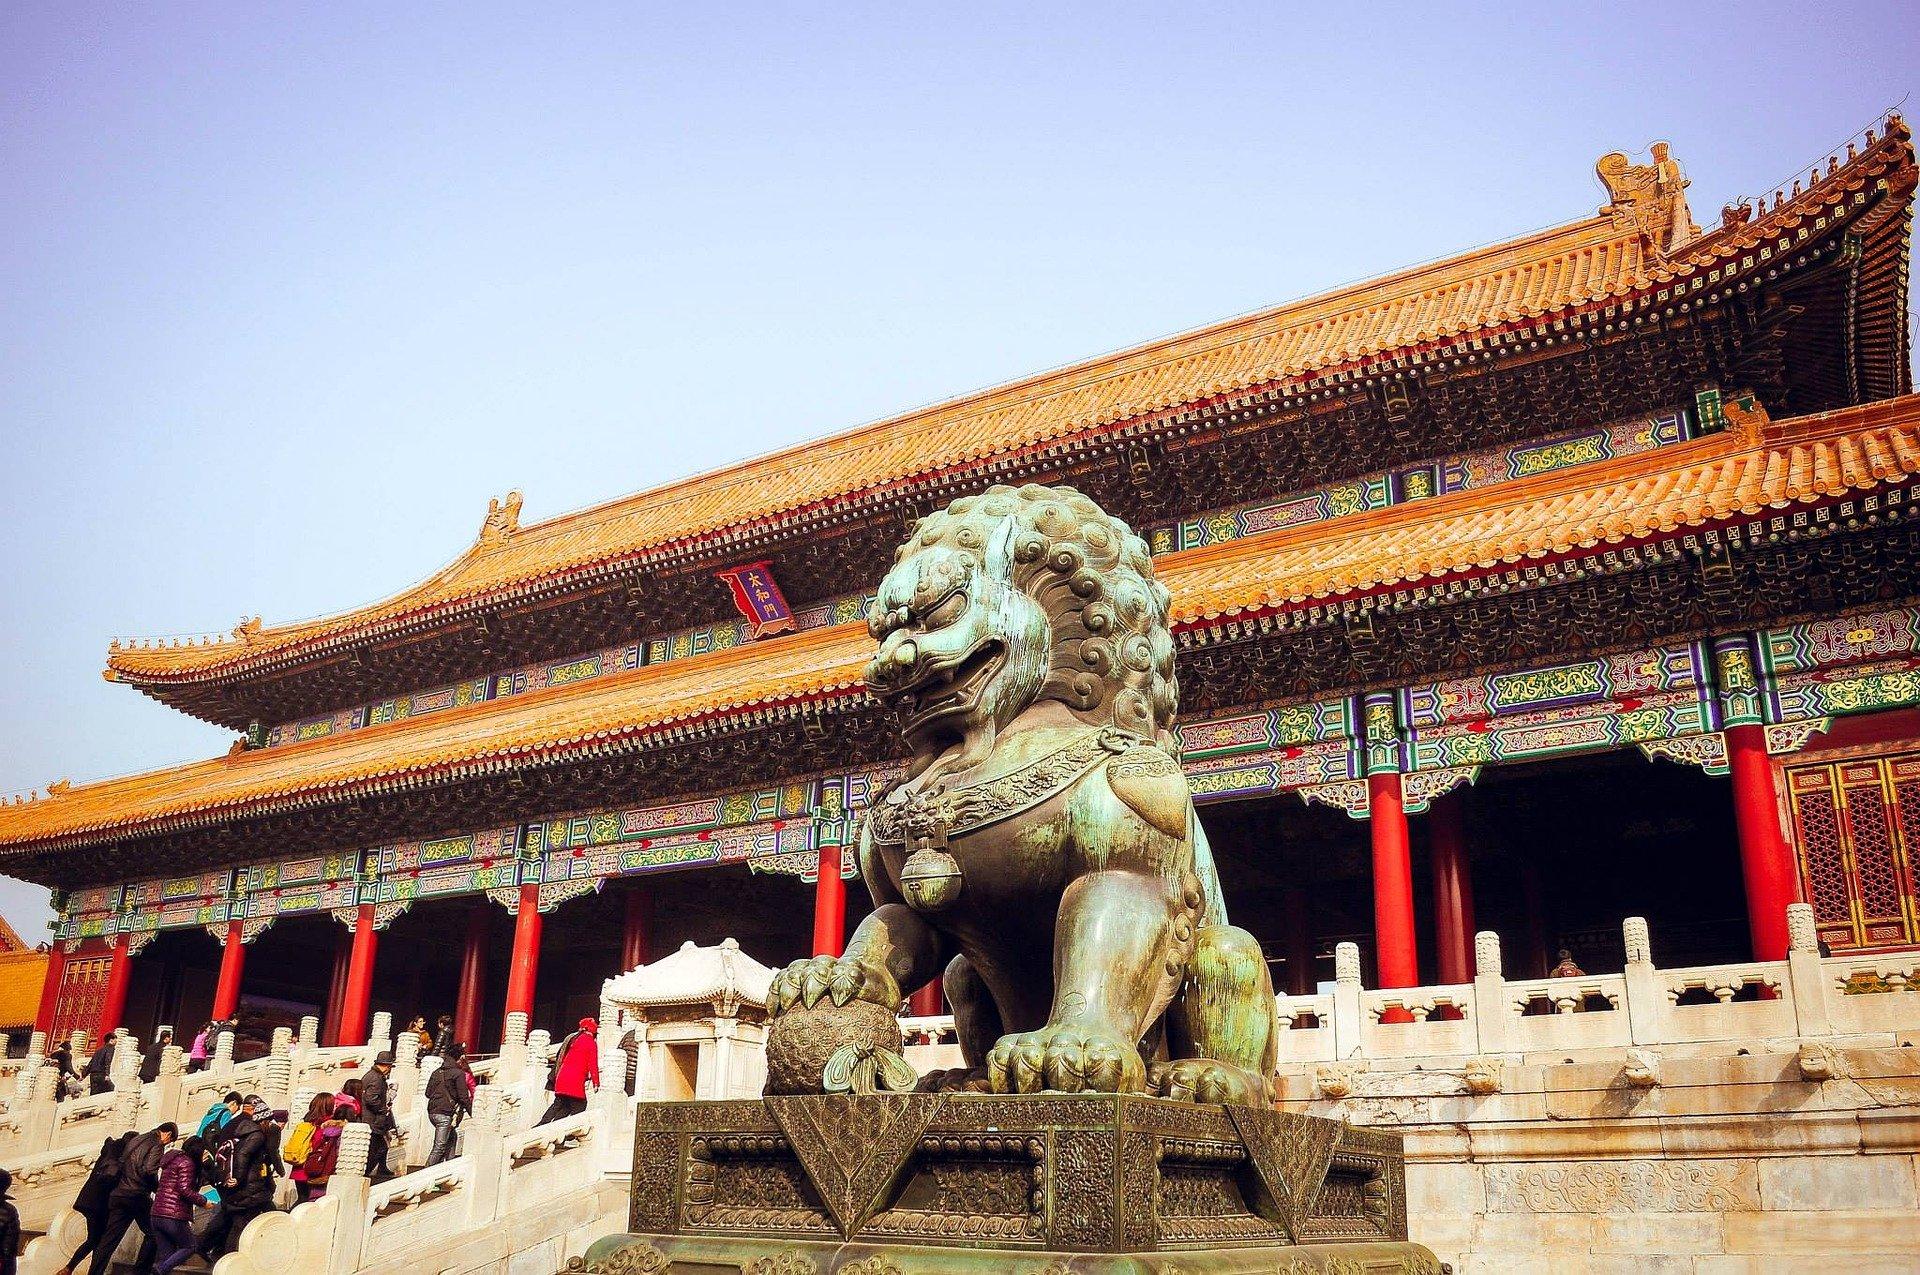 نمایی از اثار باستانی چین